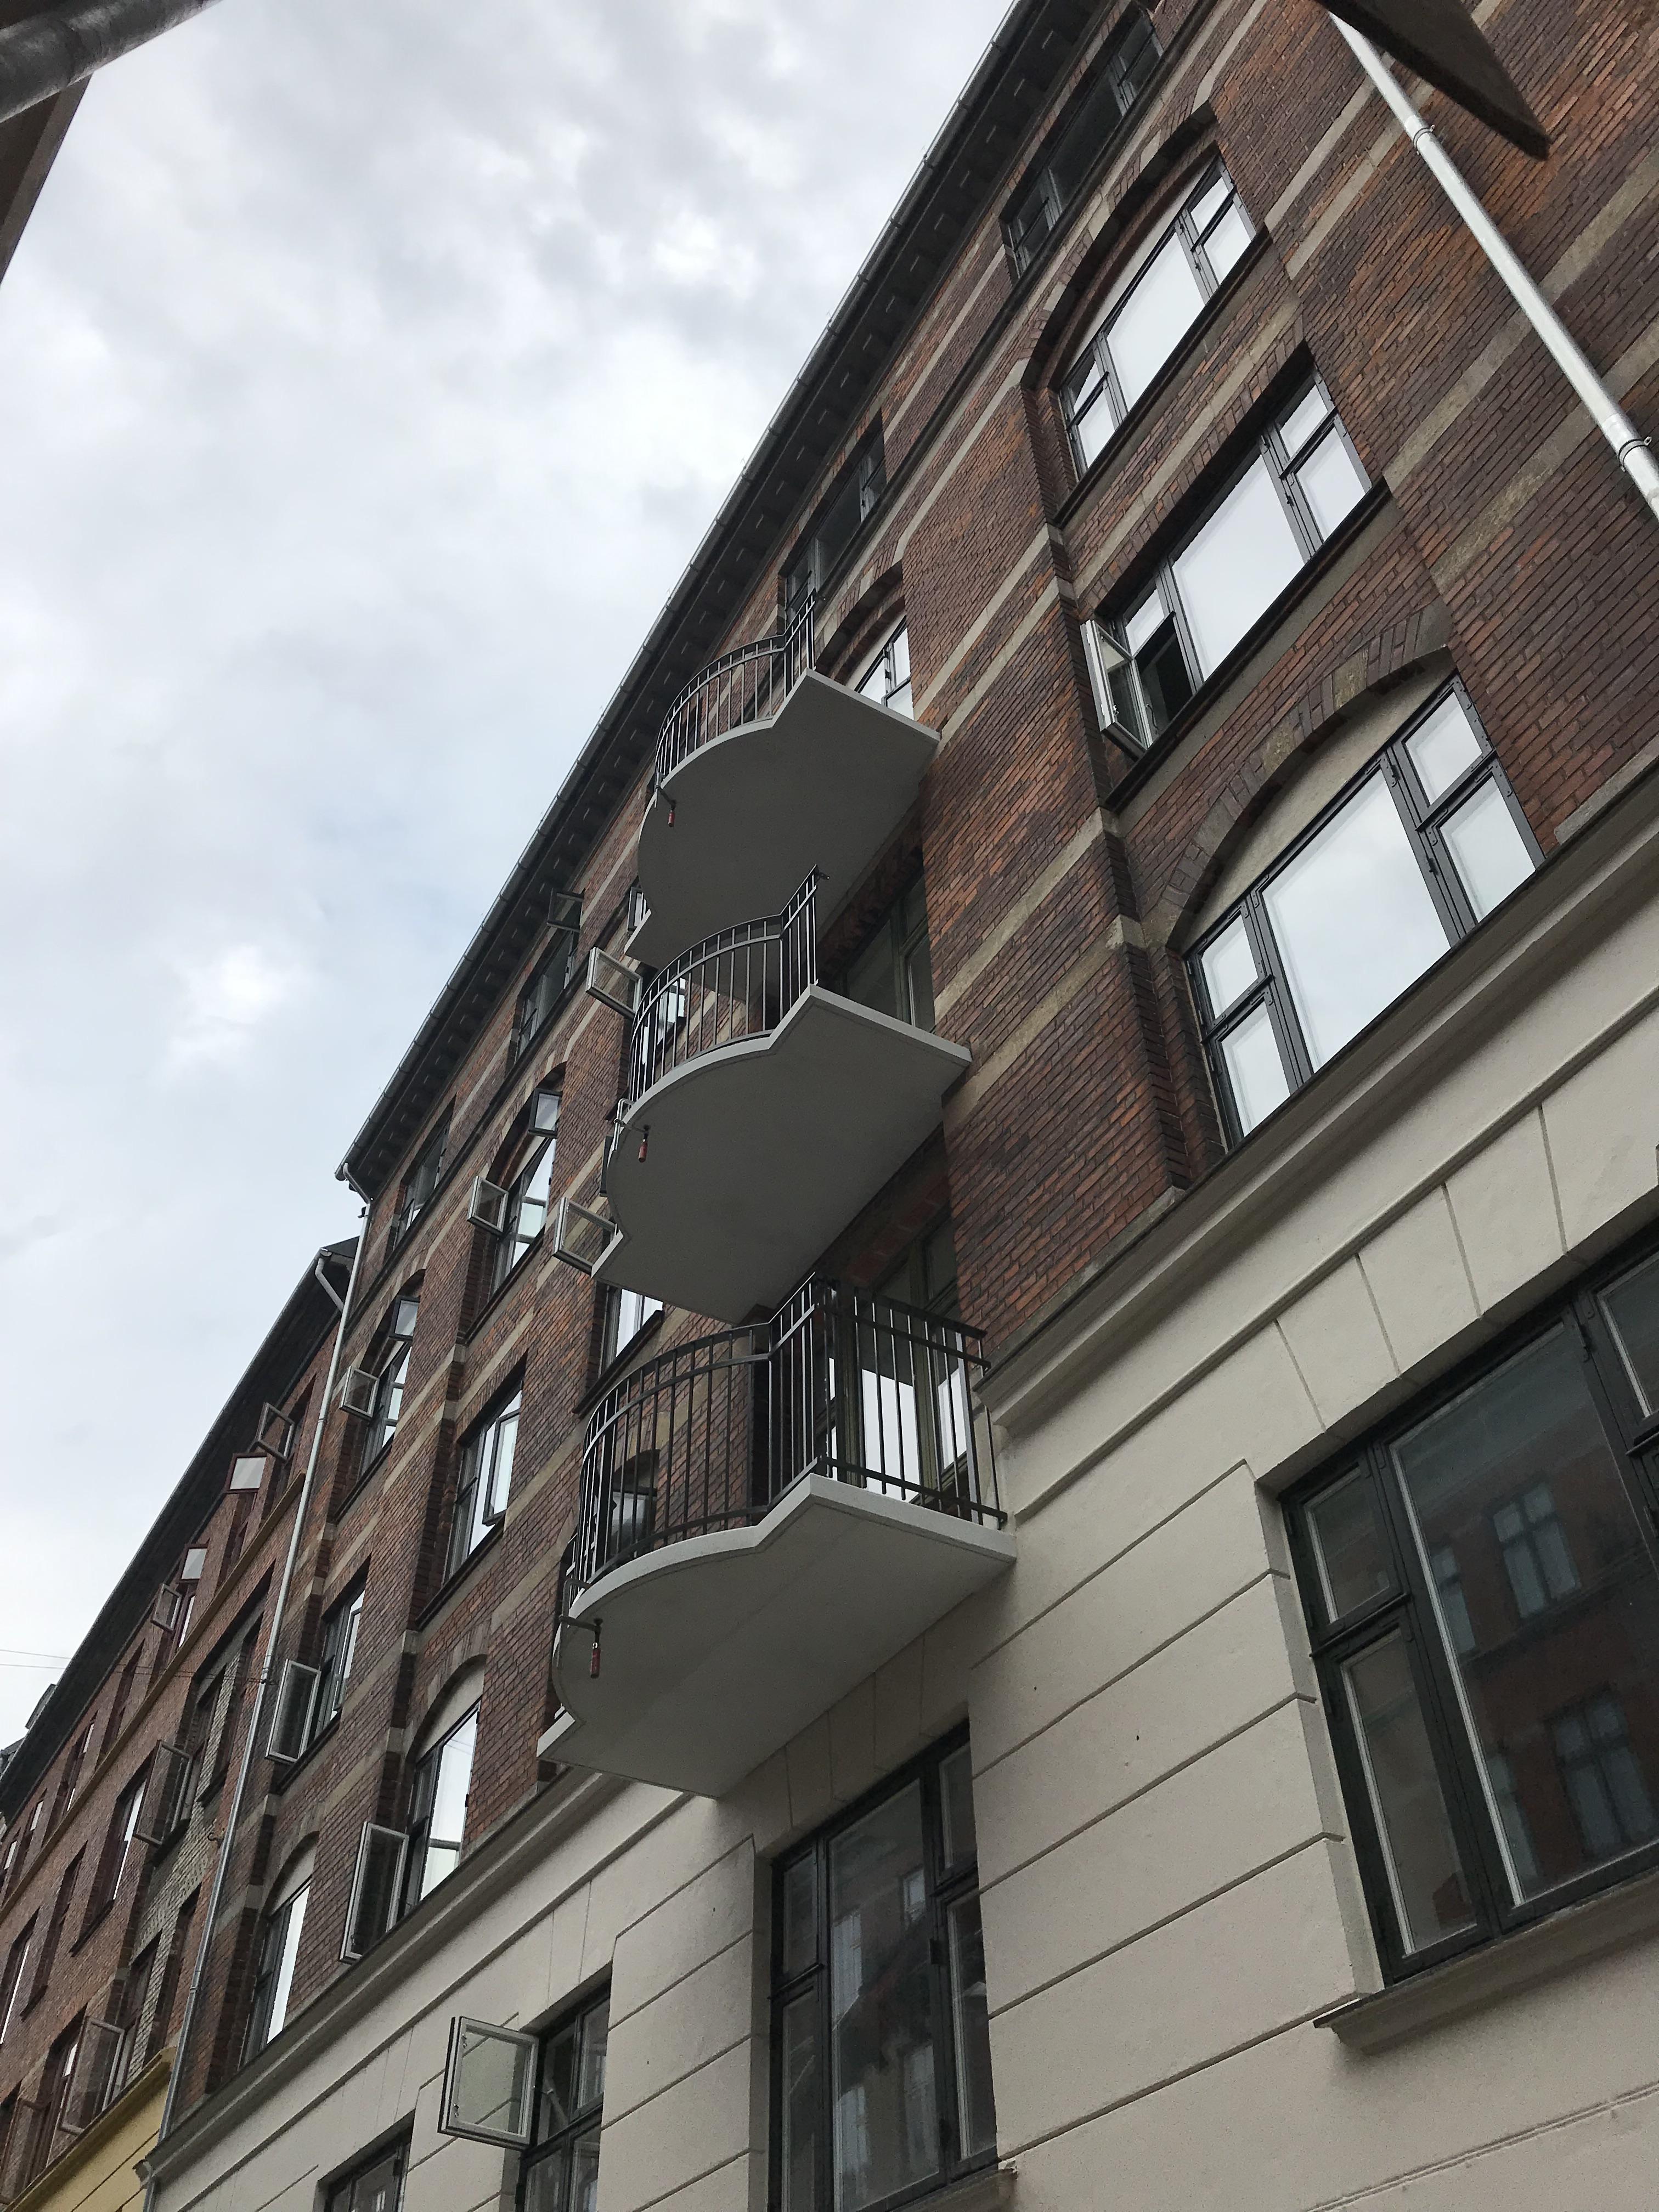 Altaner på Kronborggade